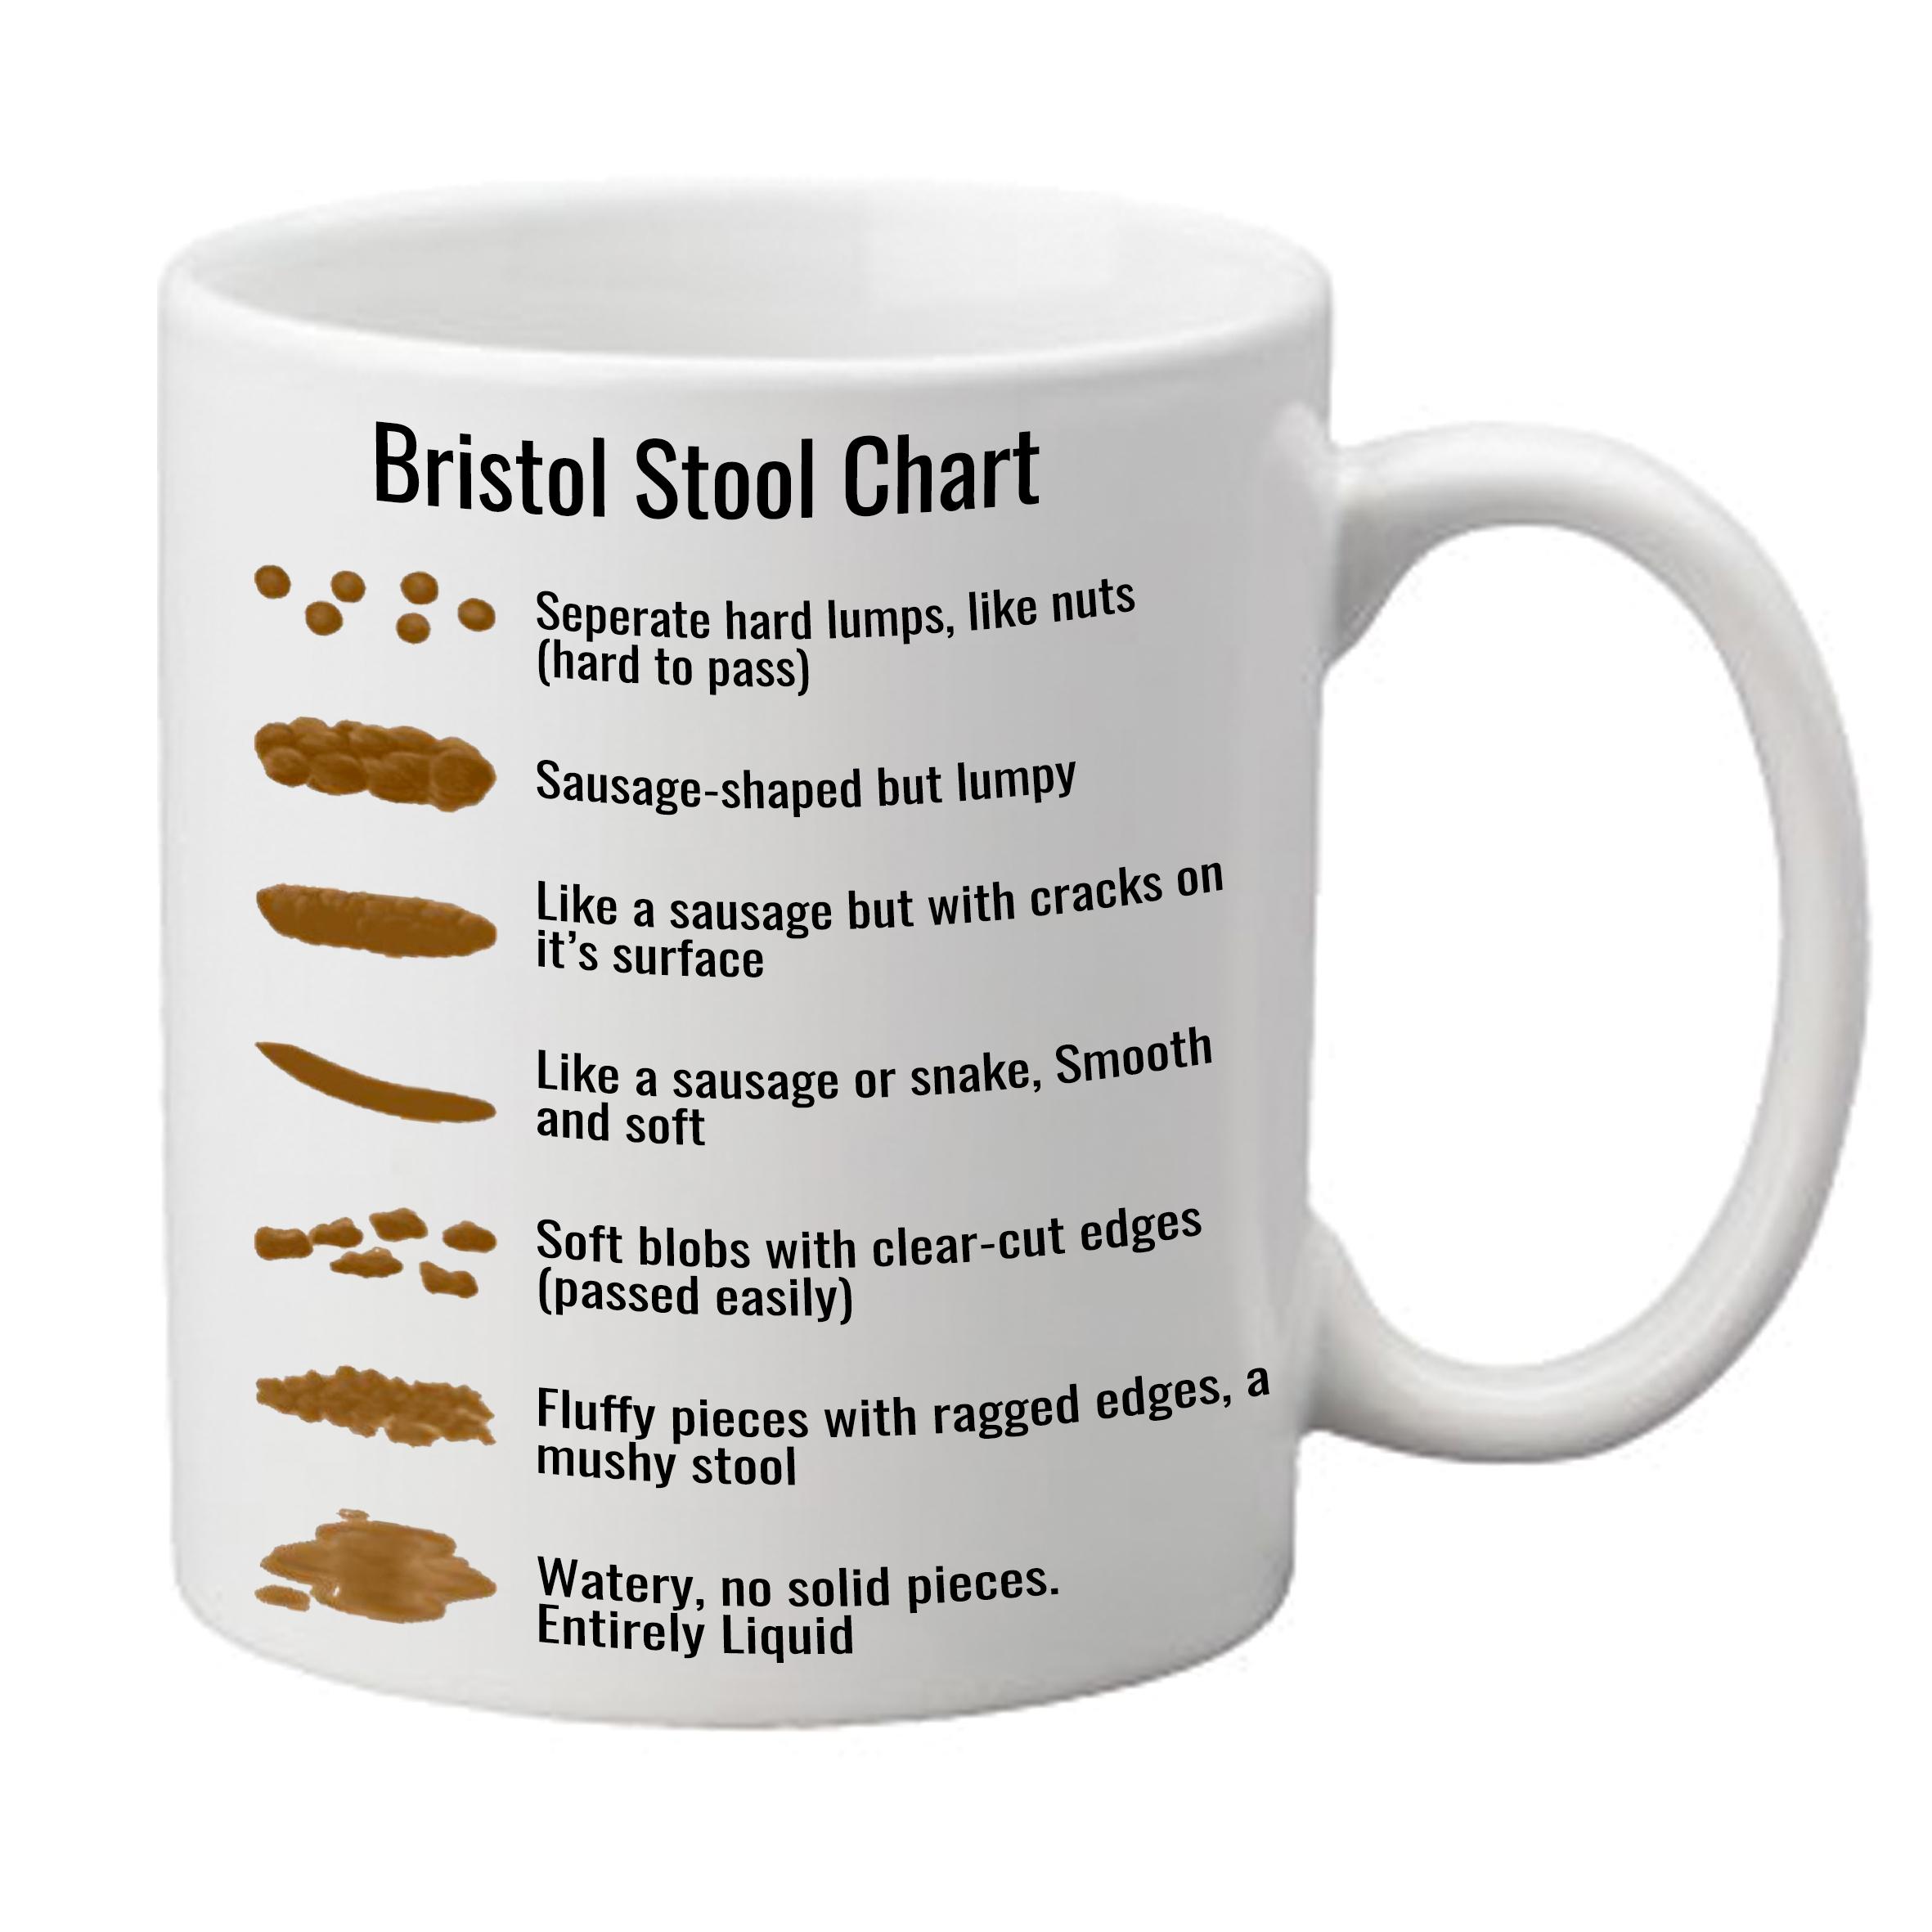 Bristol Stool Chart - Mug - Medinc - Emergency Stationery